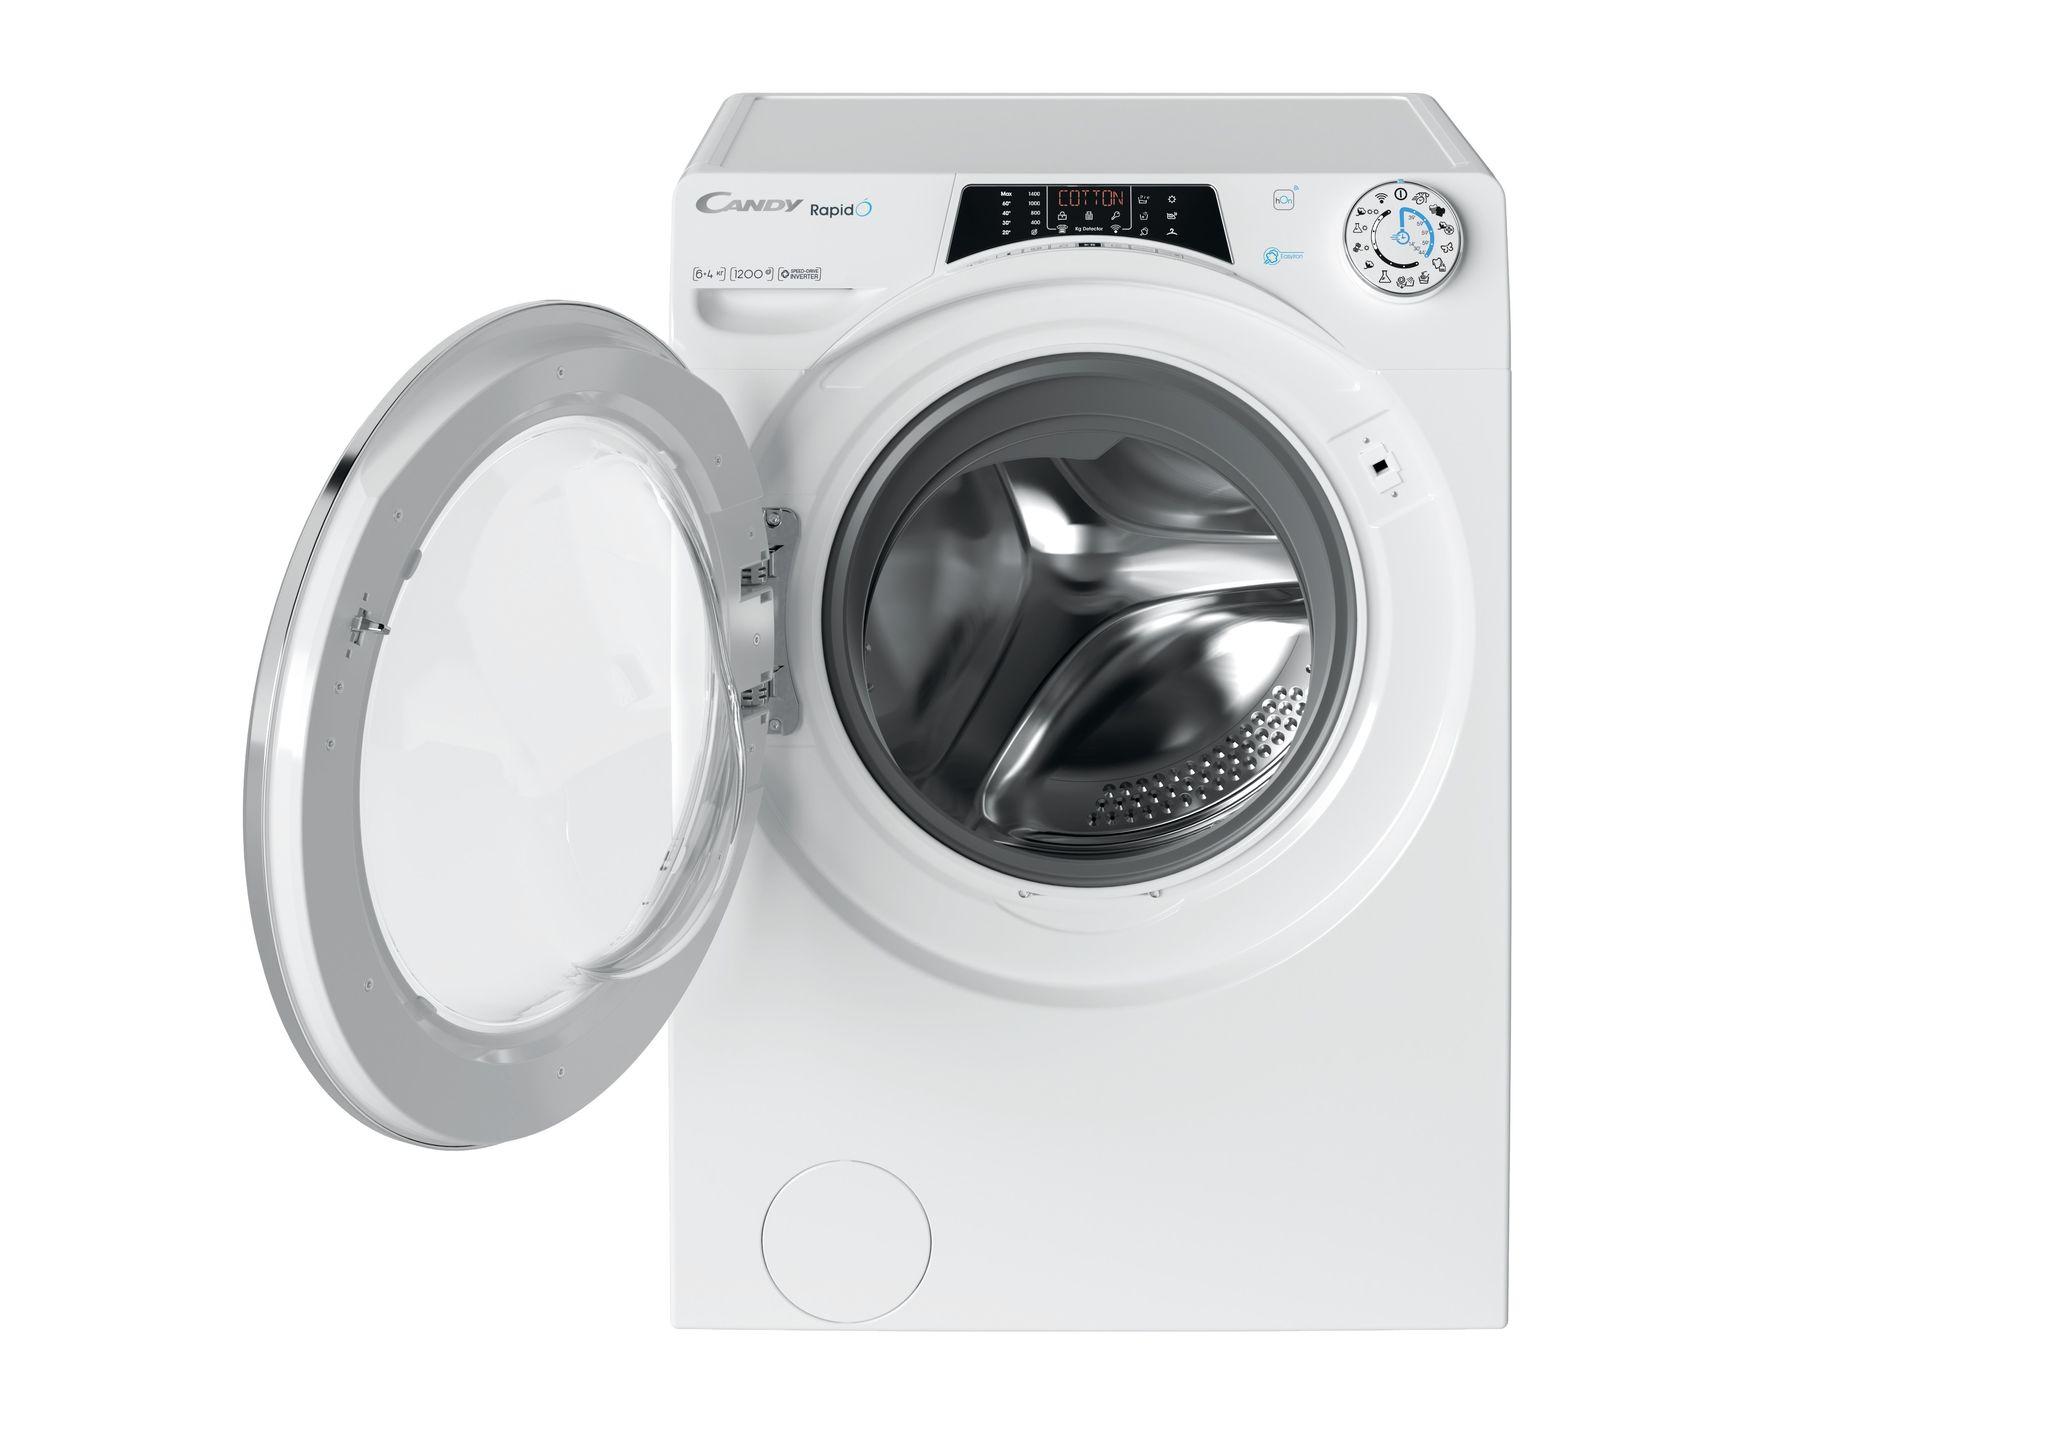 Узкая стиральная машина с сушкой Candy RapidO ROW42646DWMC-07 фото 4